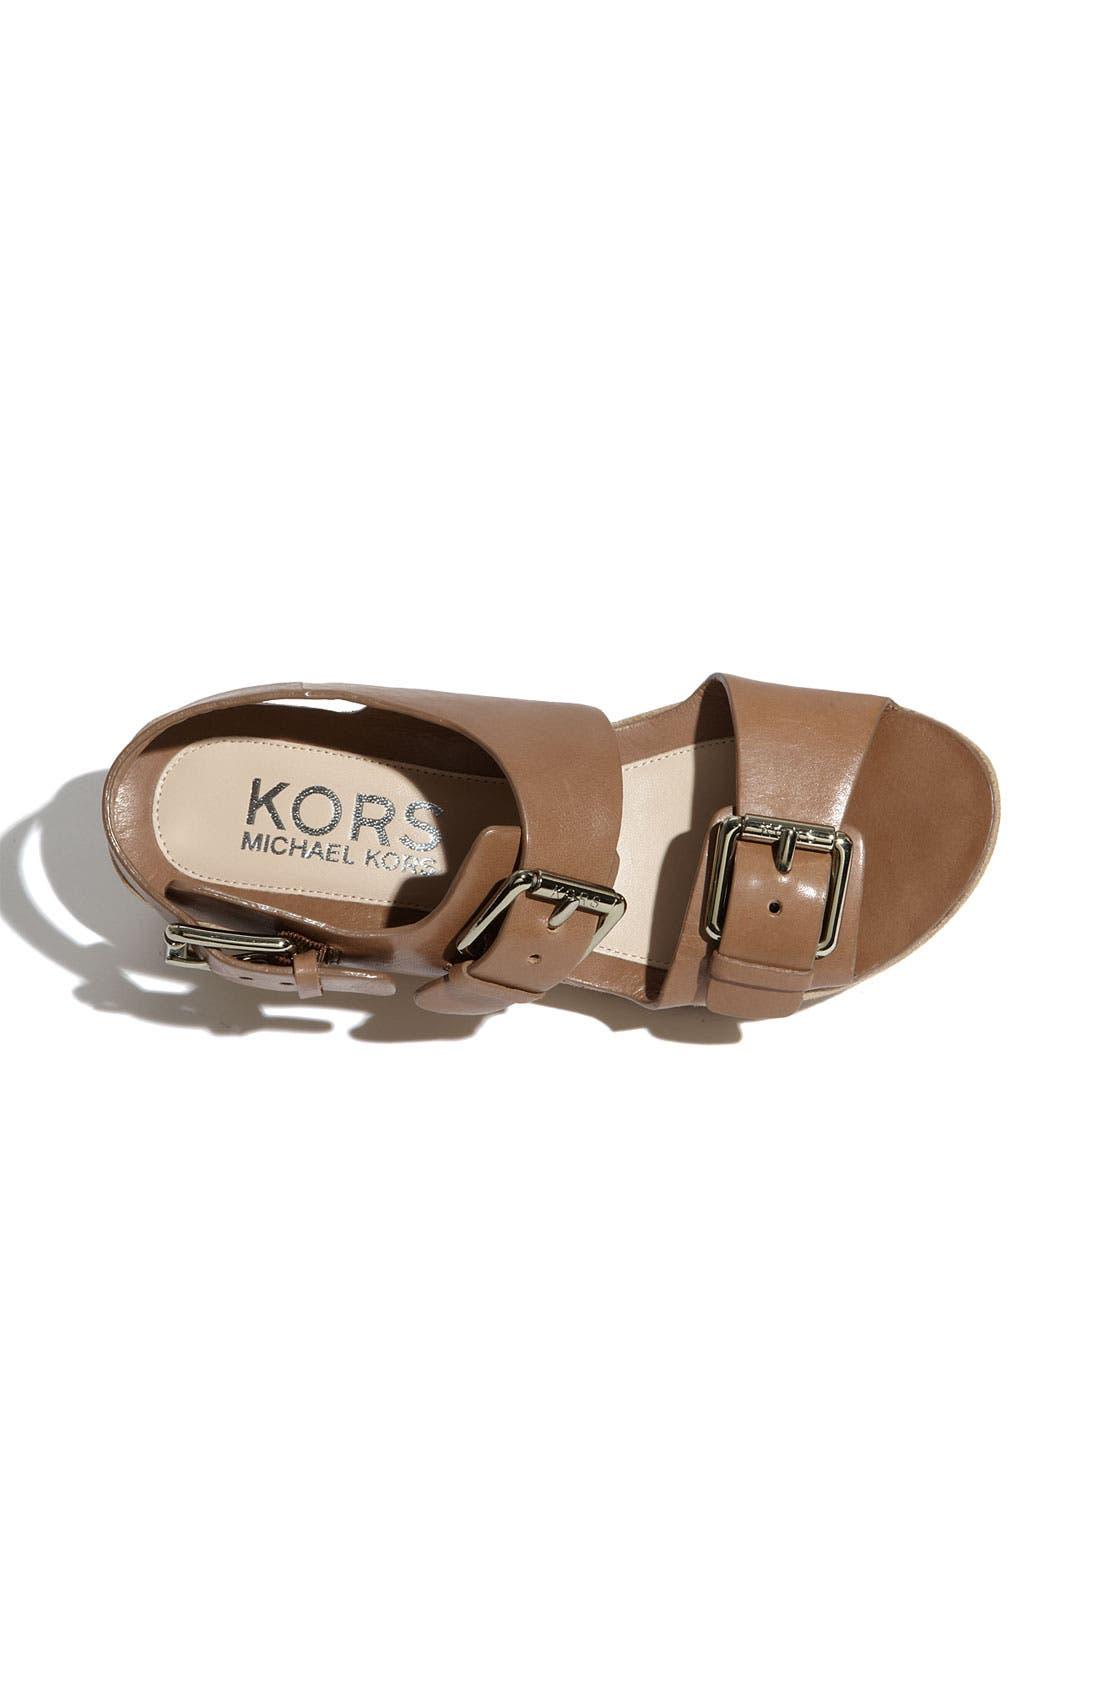 Alternate Image 3  - KORS Michael Kors 'Zoe' Sandal